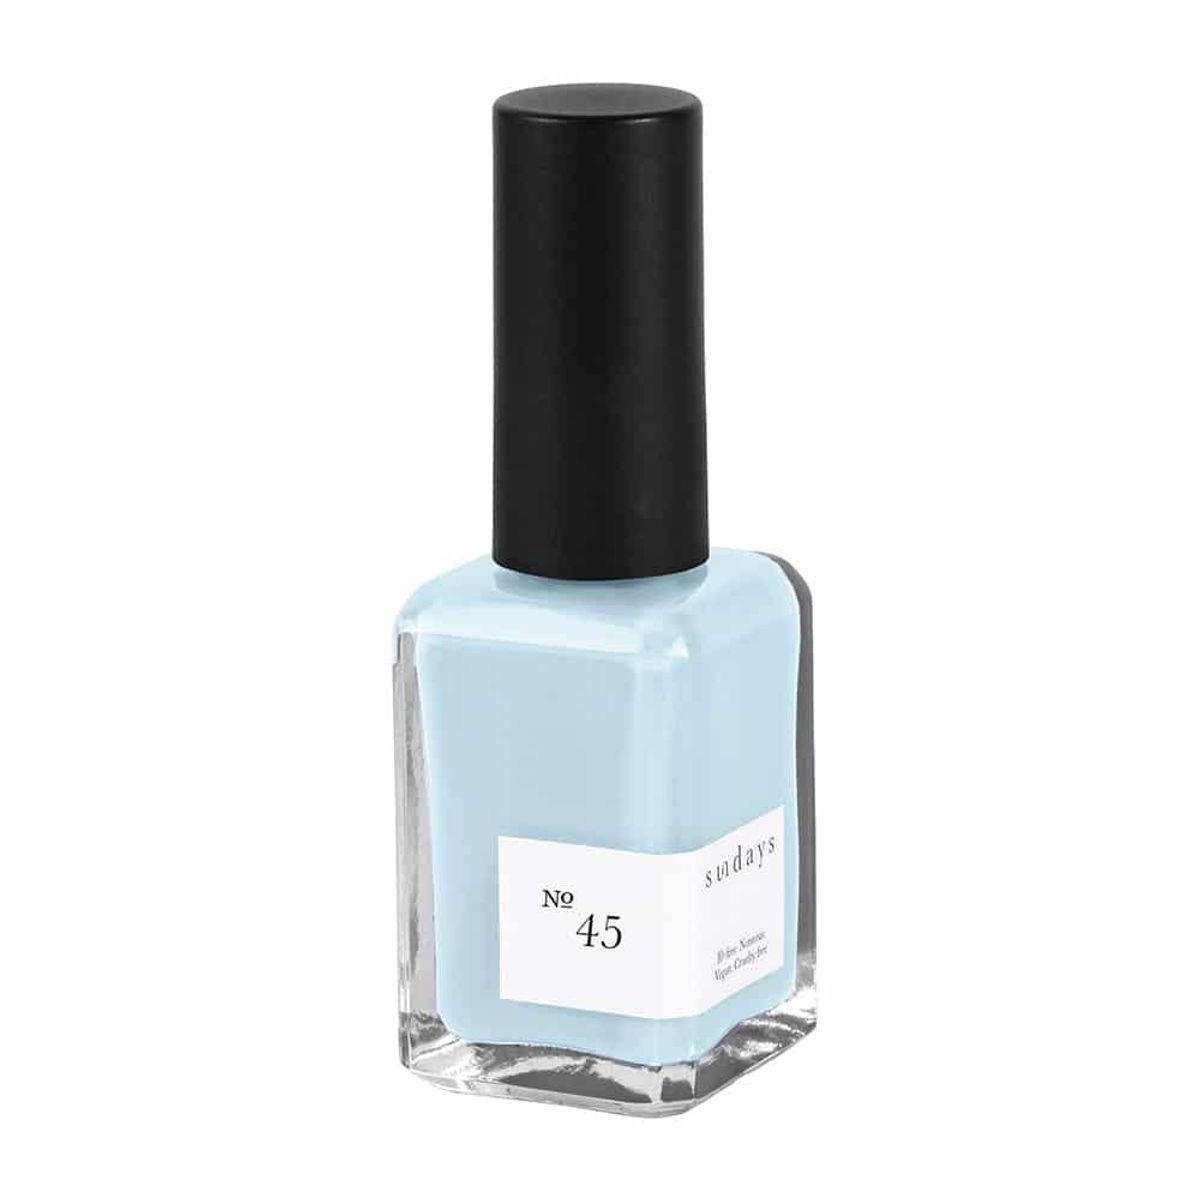 Nail Polish in No.45 Sky Blue